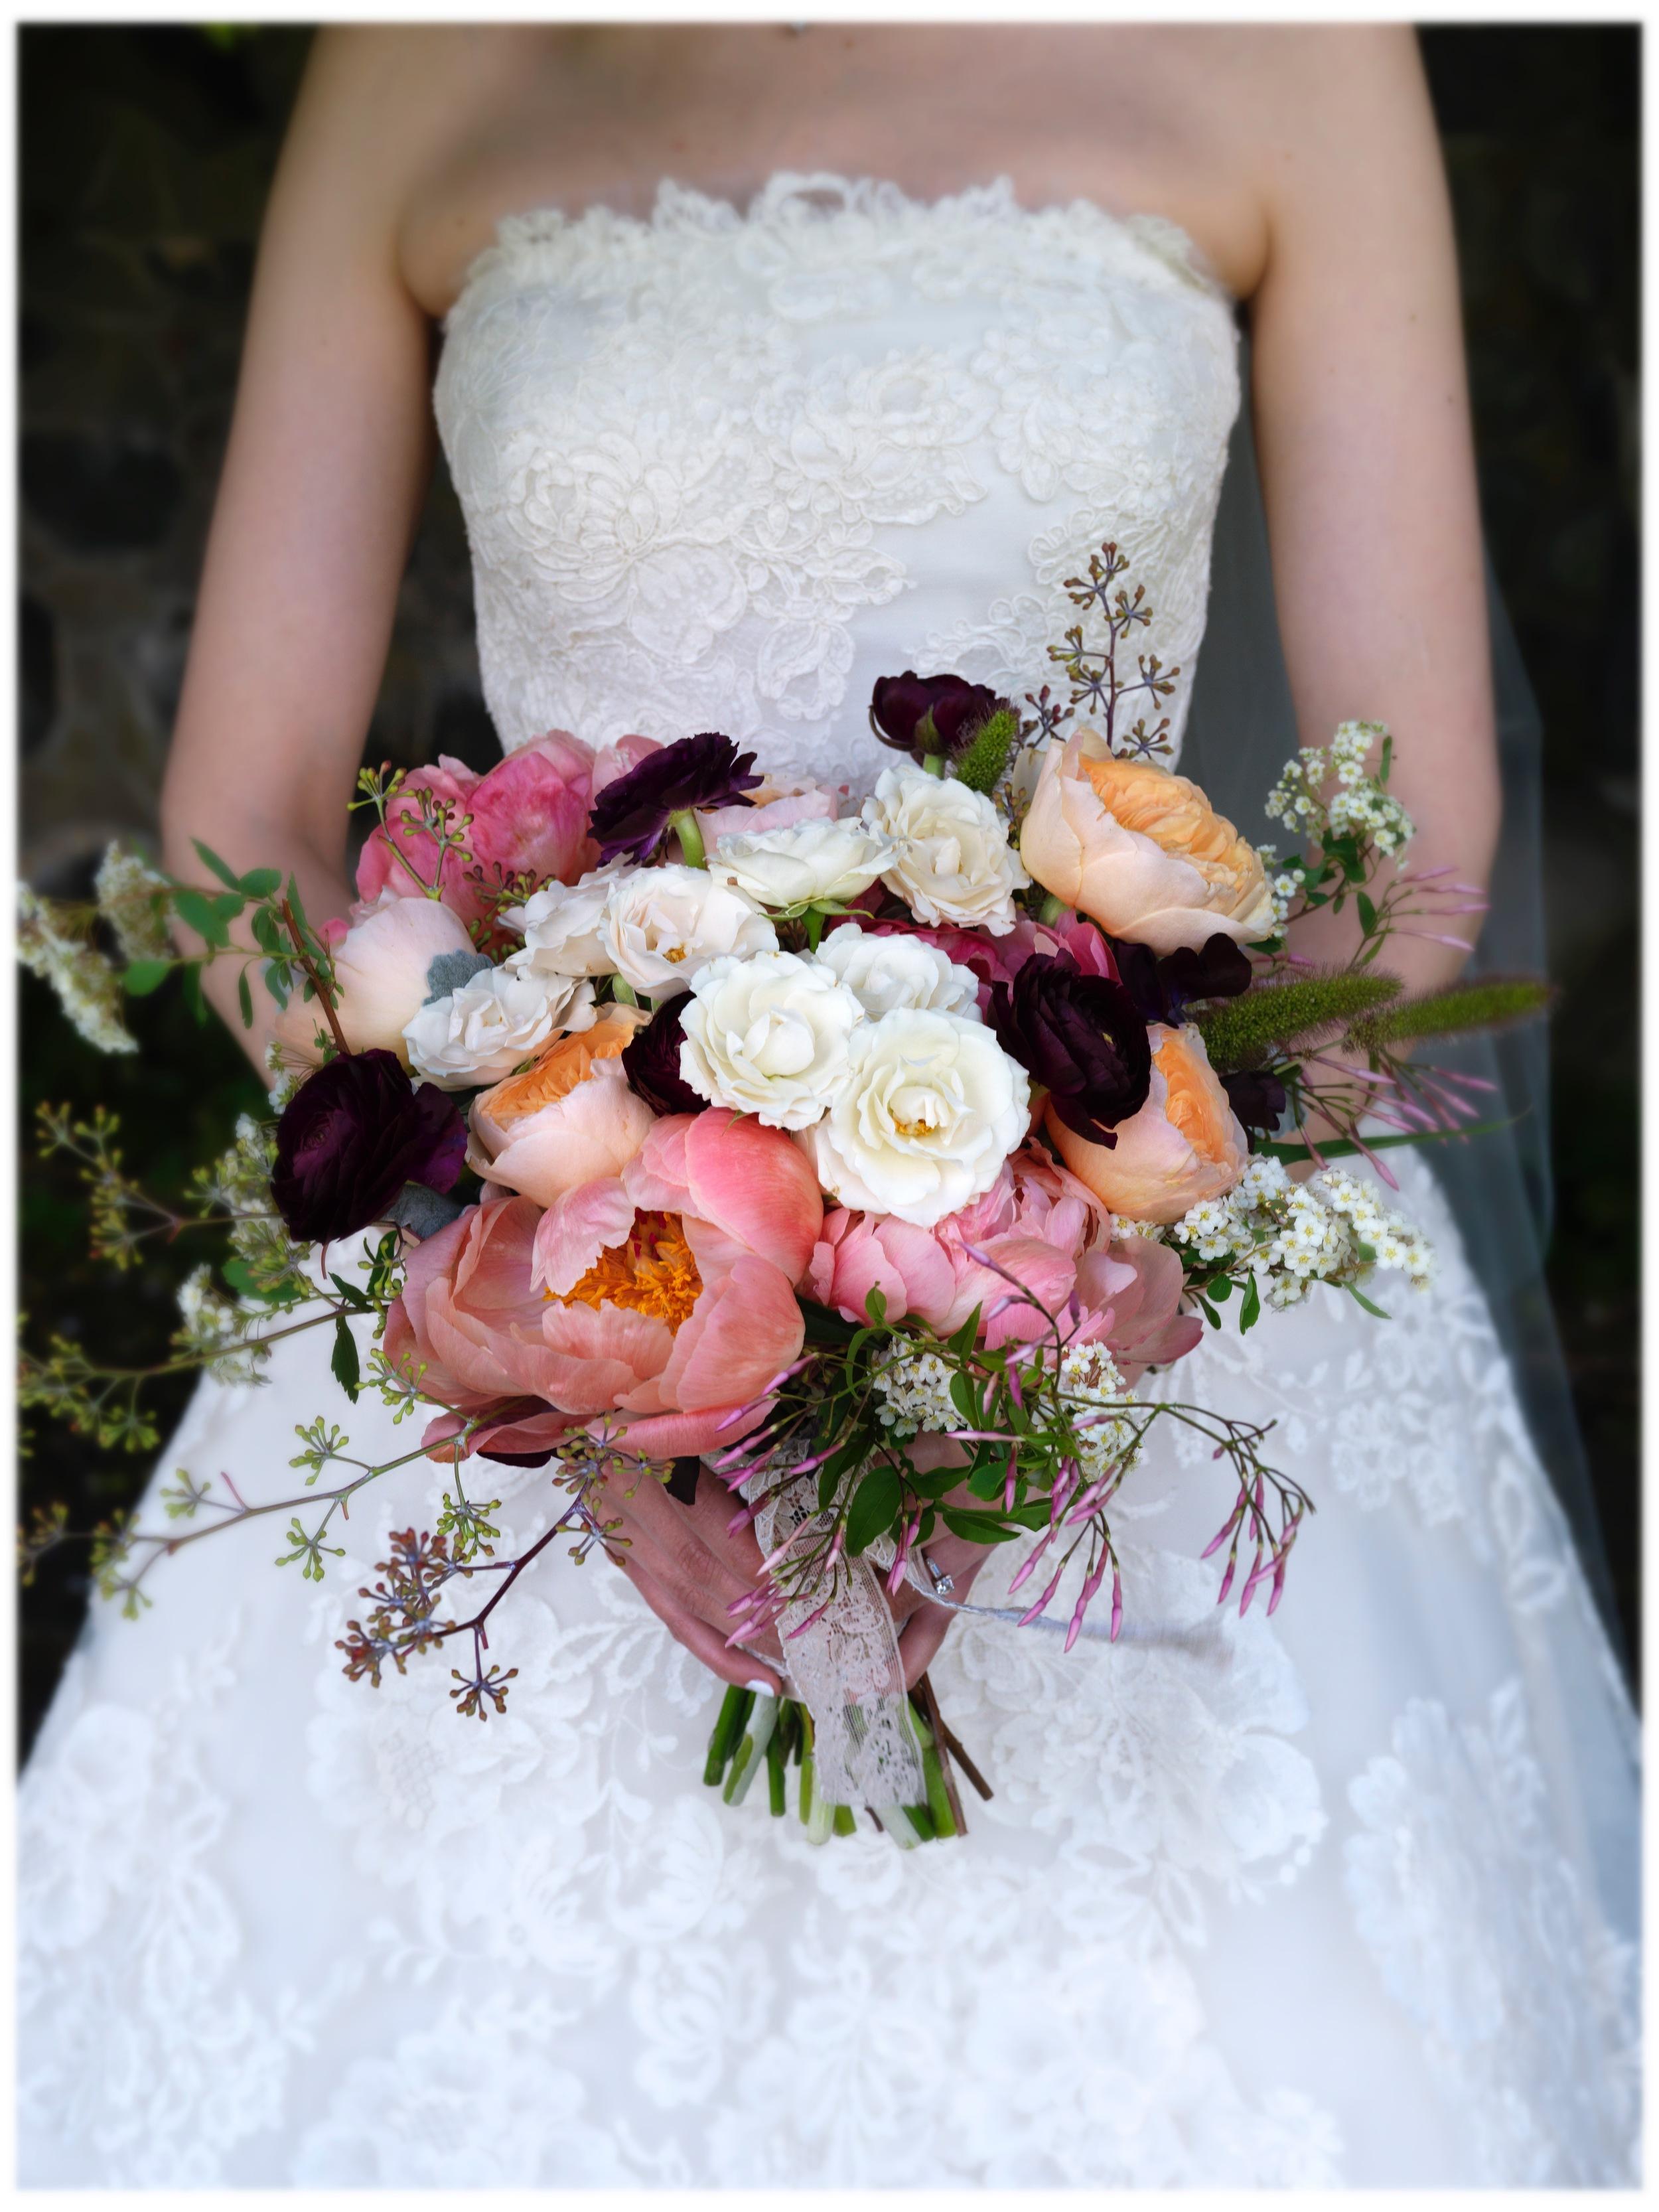 Brides Bouquet Wedding Flowers